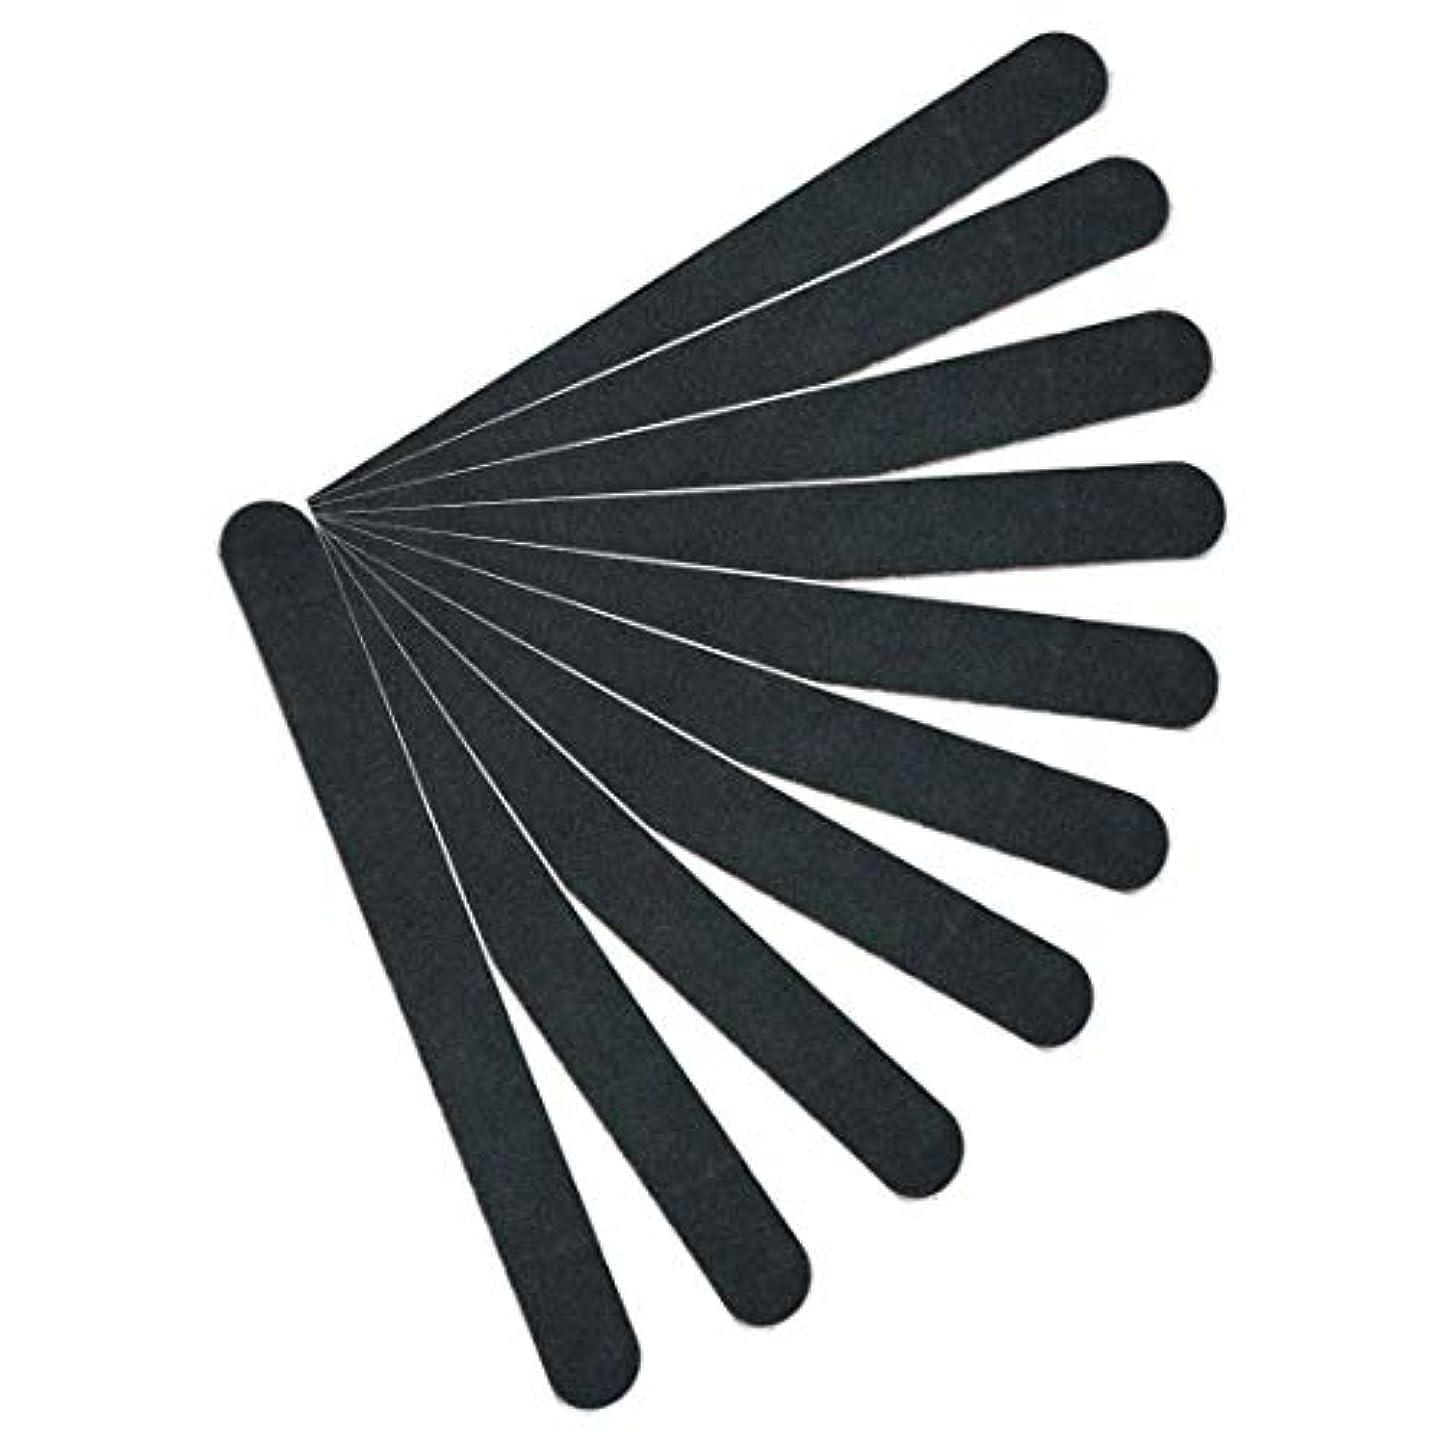 優しいドライバ与える【kimari】(10本セット)kmr-001ブラックネイルファイル エメリーボード 100/180グリット 爪けずり ネイルやすり